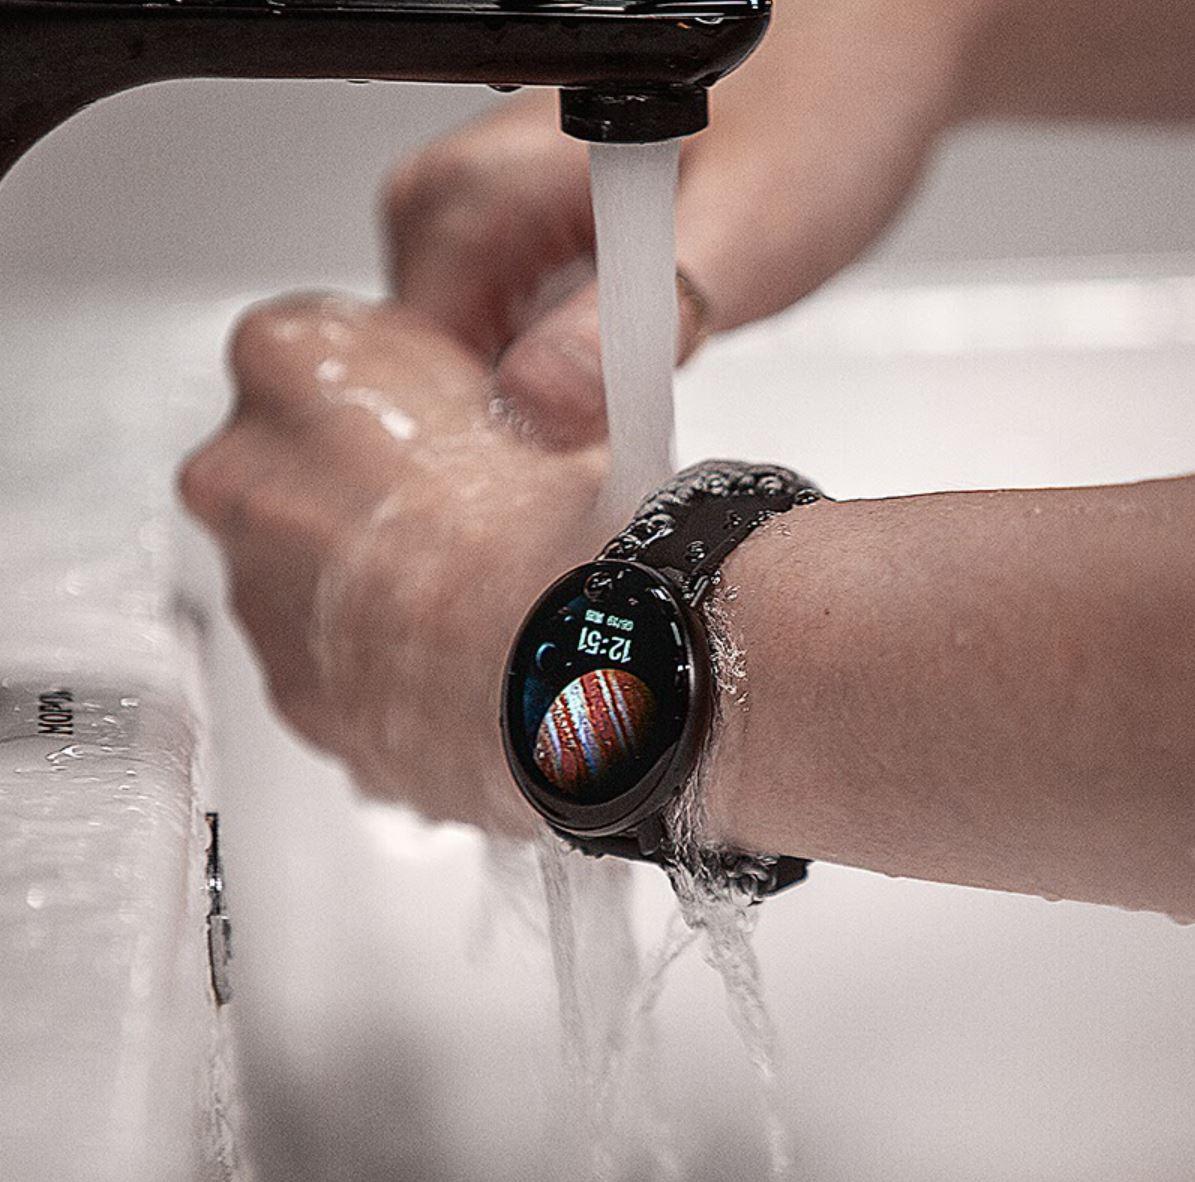 Mibro Lite - premiera smartwatcha - wodoodporność